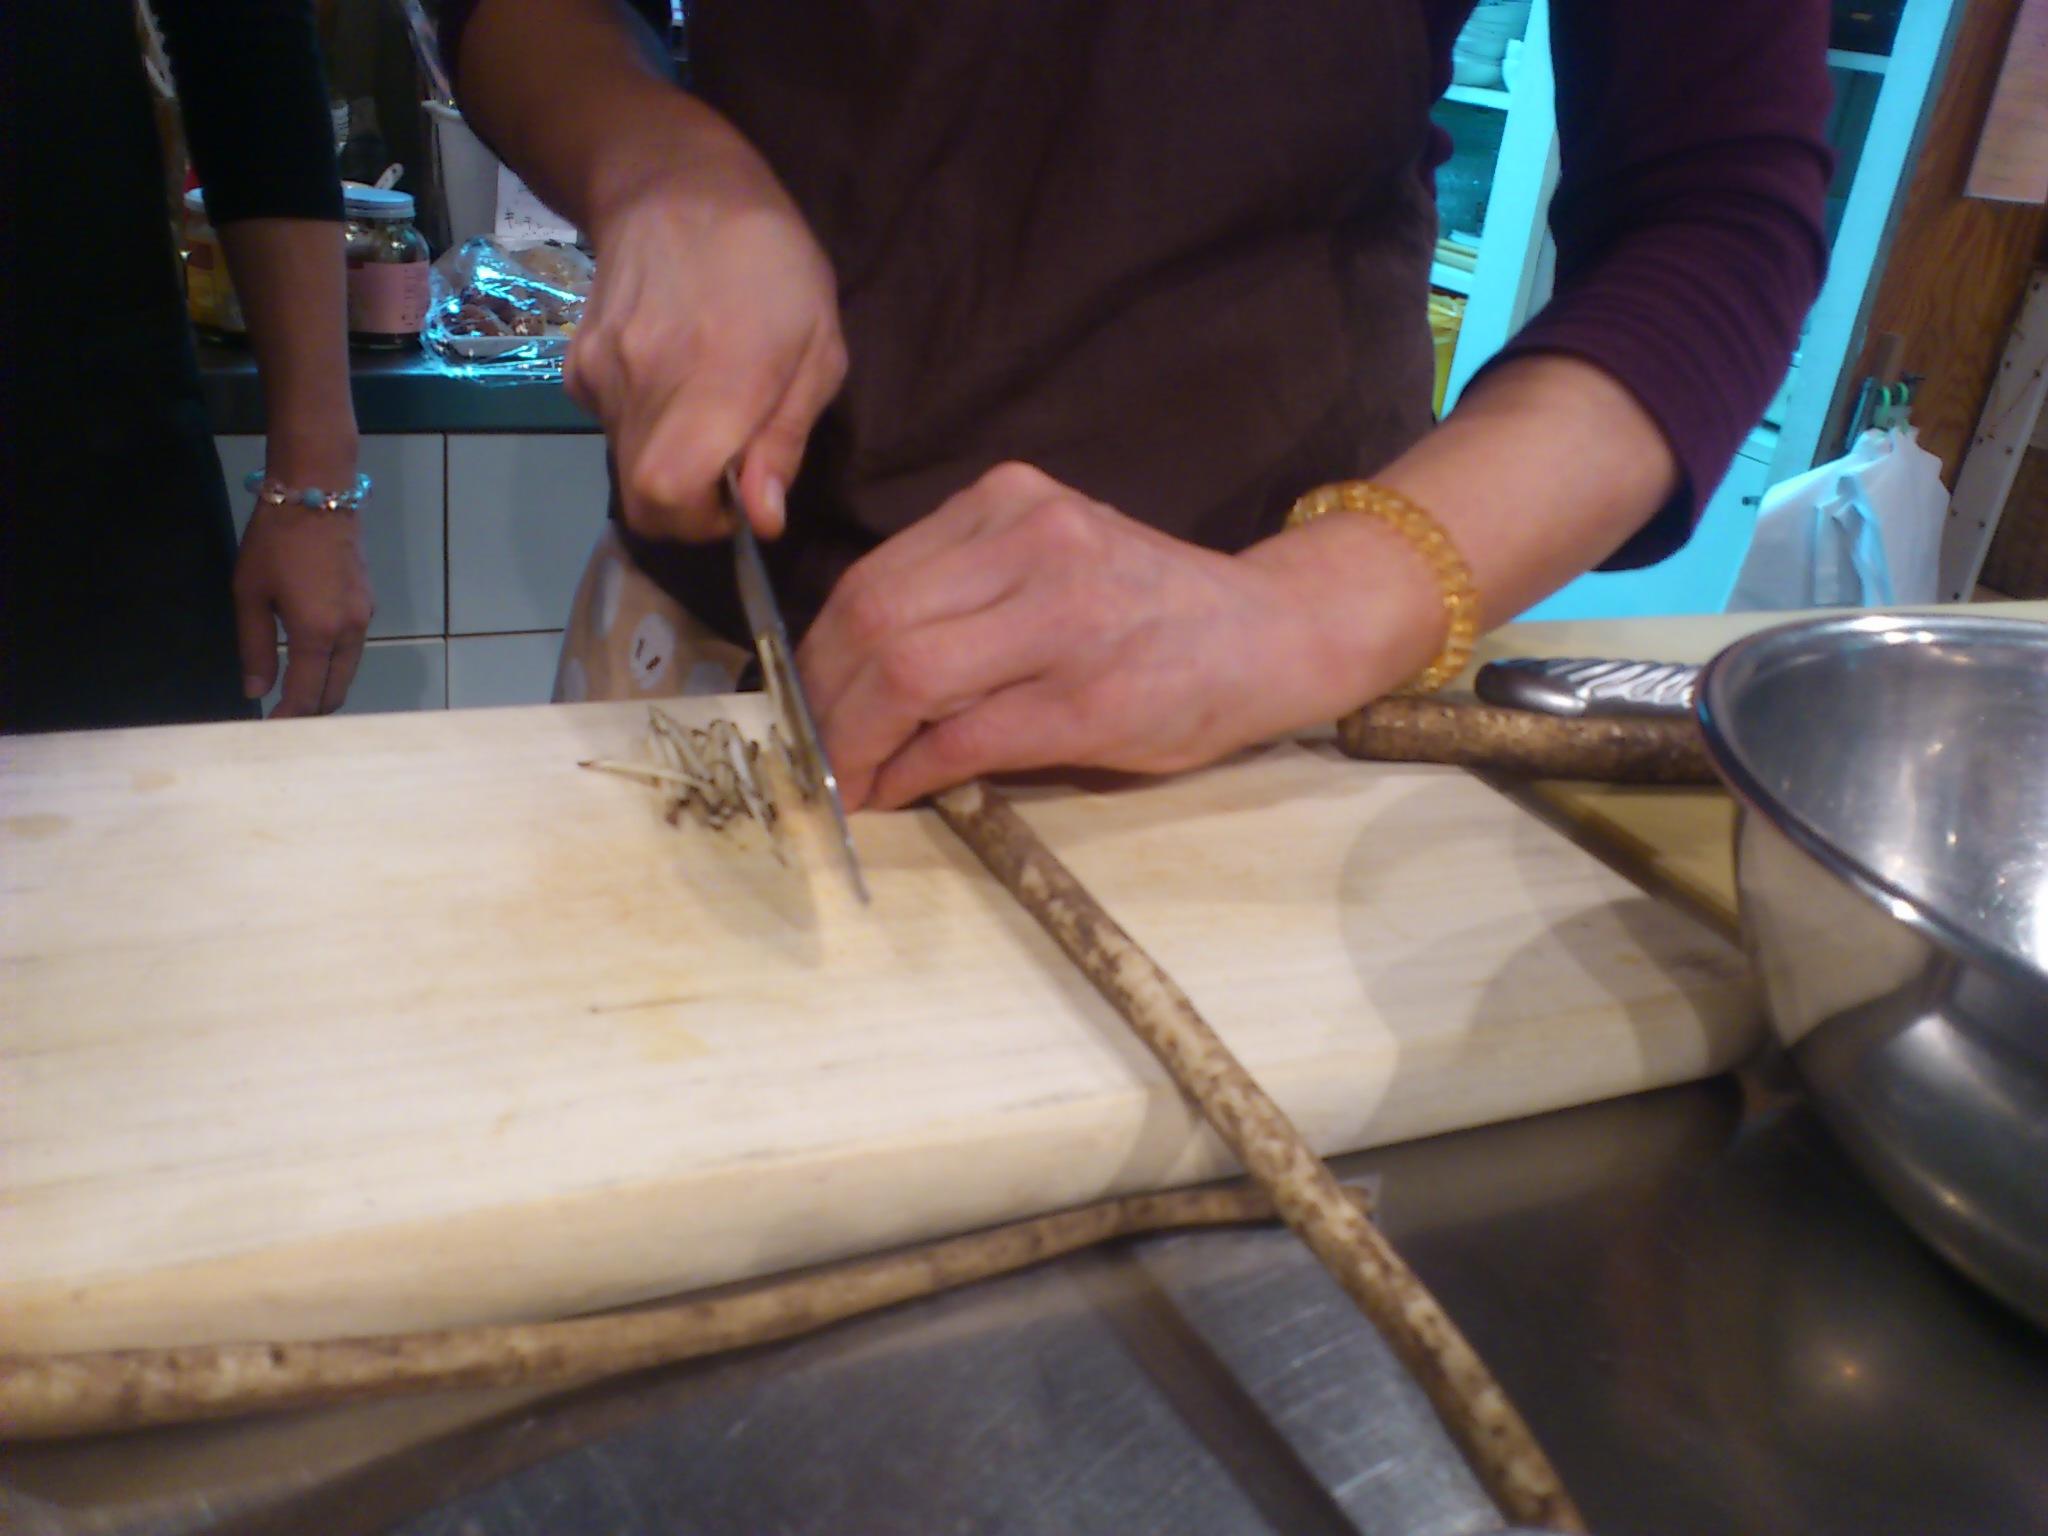 福岡。鉄火味噌作り@ベジガーデン。牛蒡人参蓮根を刻み豆味噌と合わせて弱火で炒めます◎土用初日の養生♪